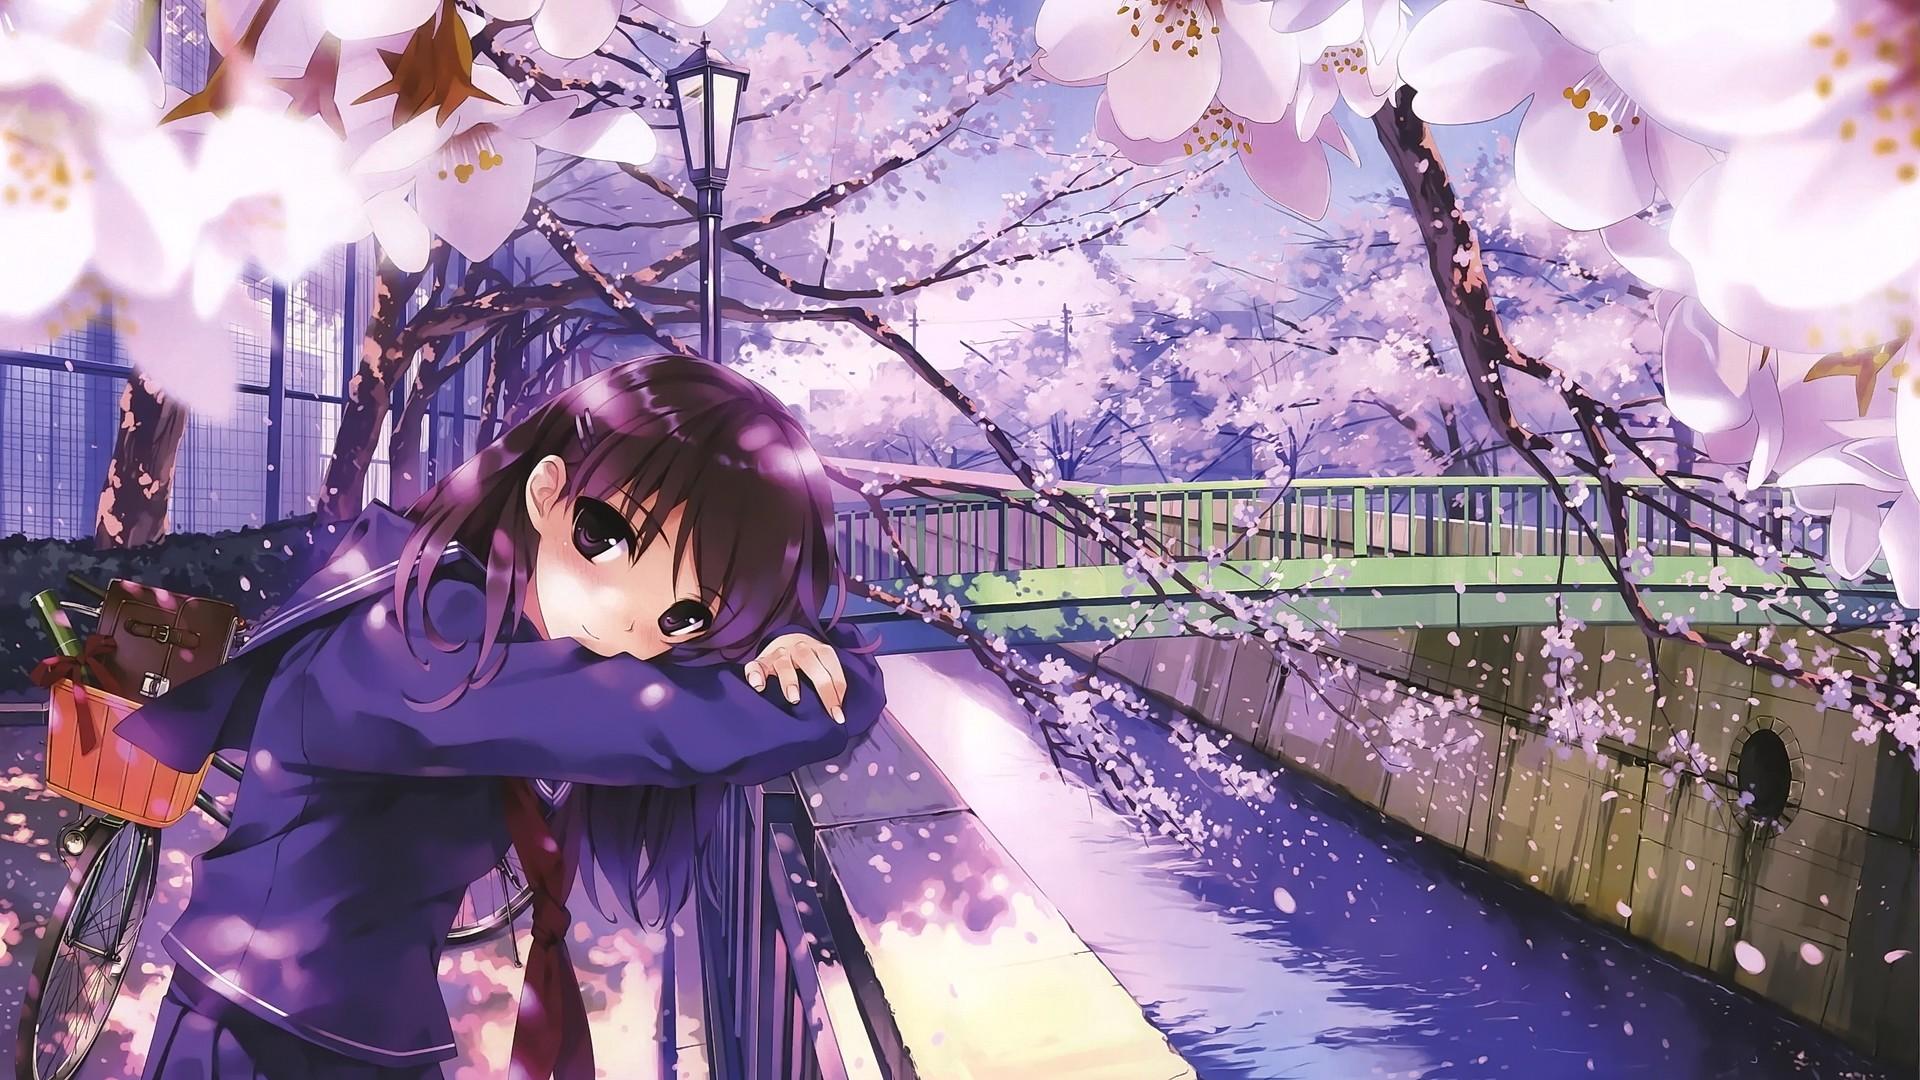 Fondos de pantalla : Anime, Chicas anime, bicicleta, puente